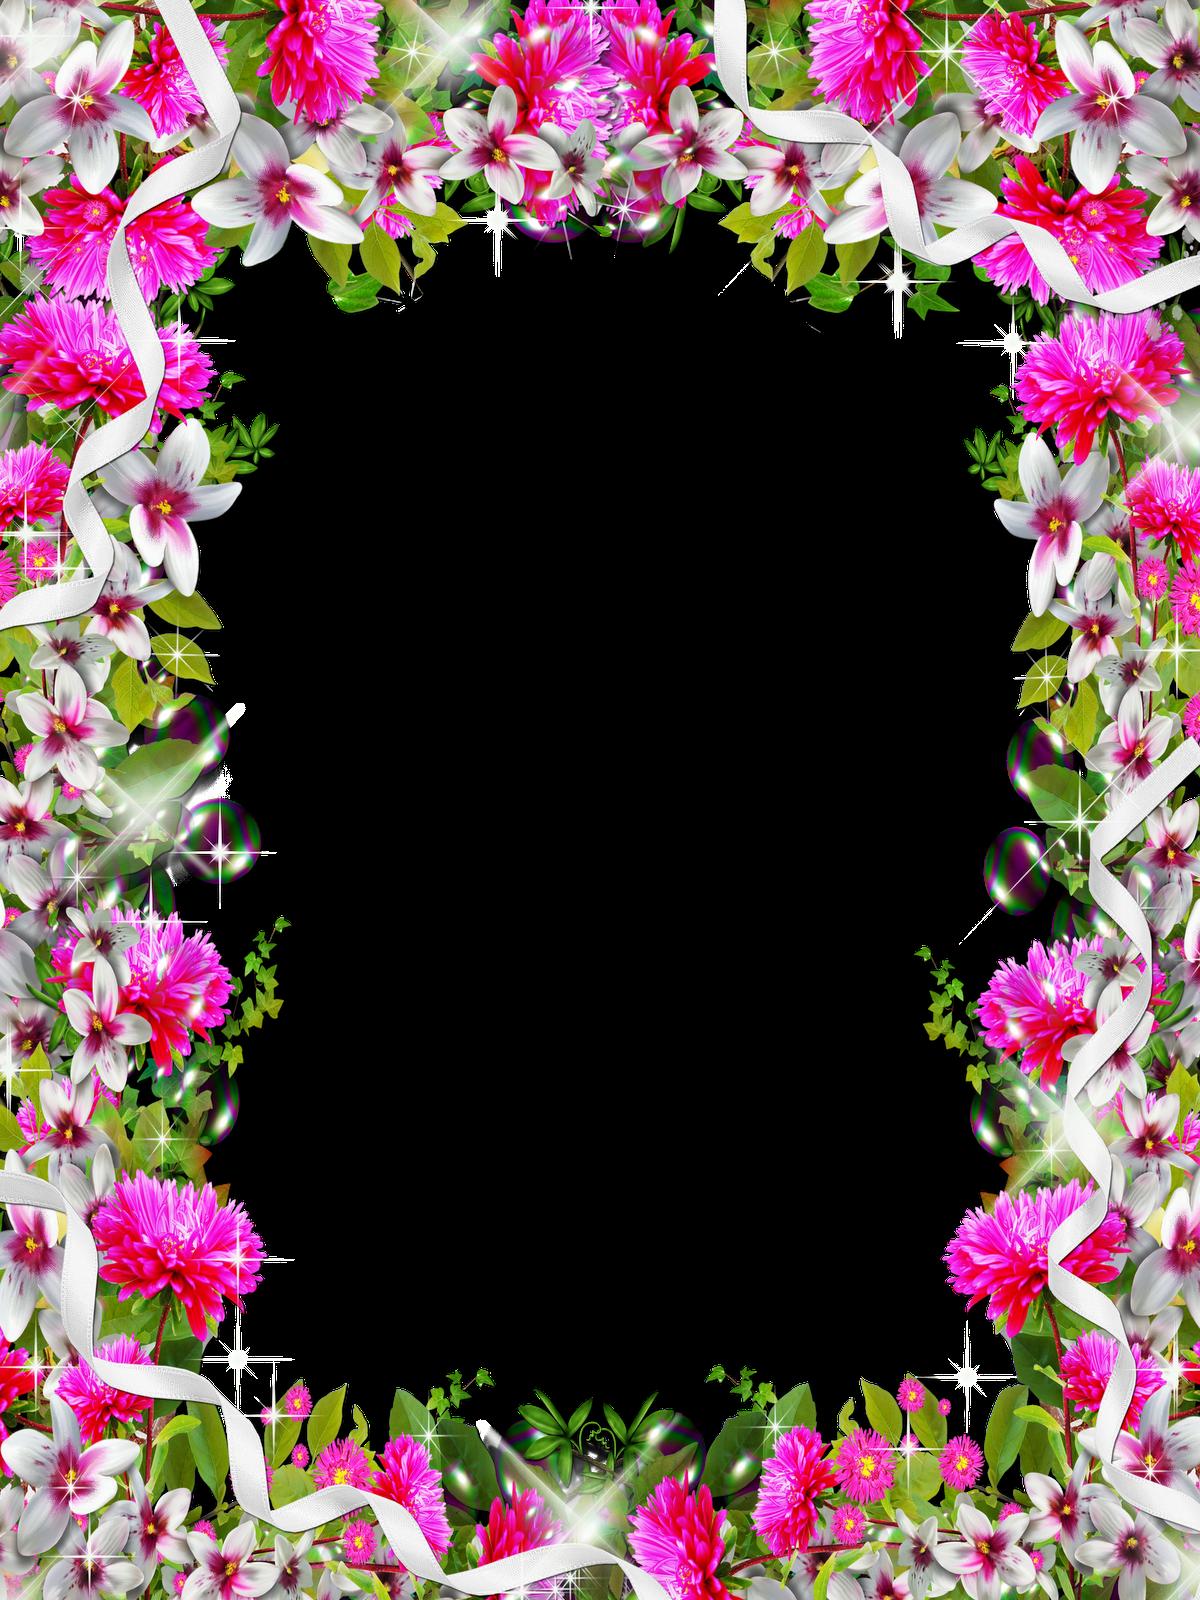 картинки цветов без рамки можно сказать